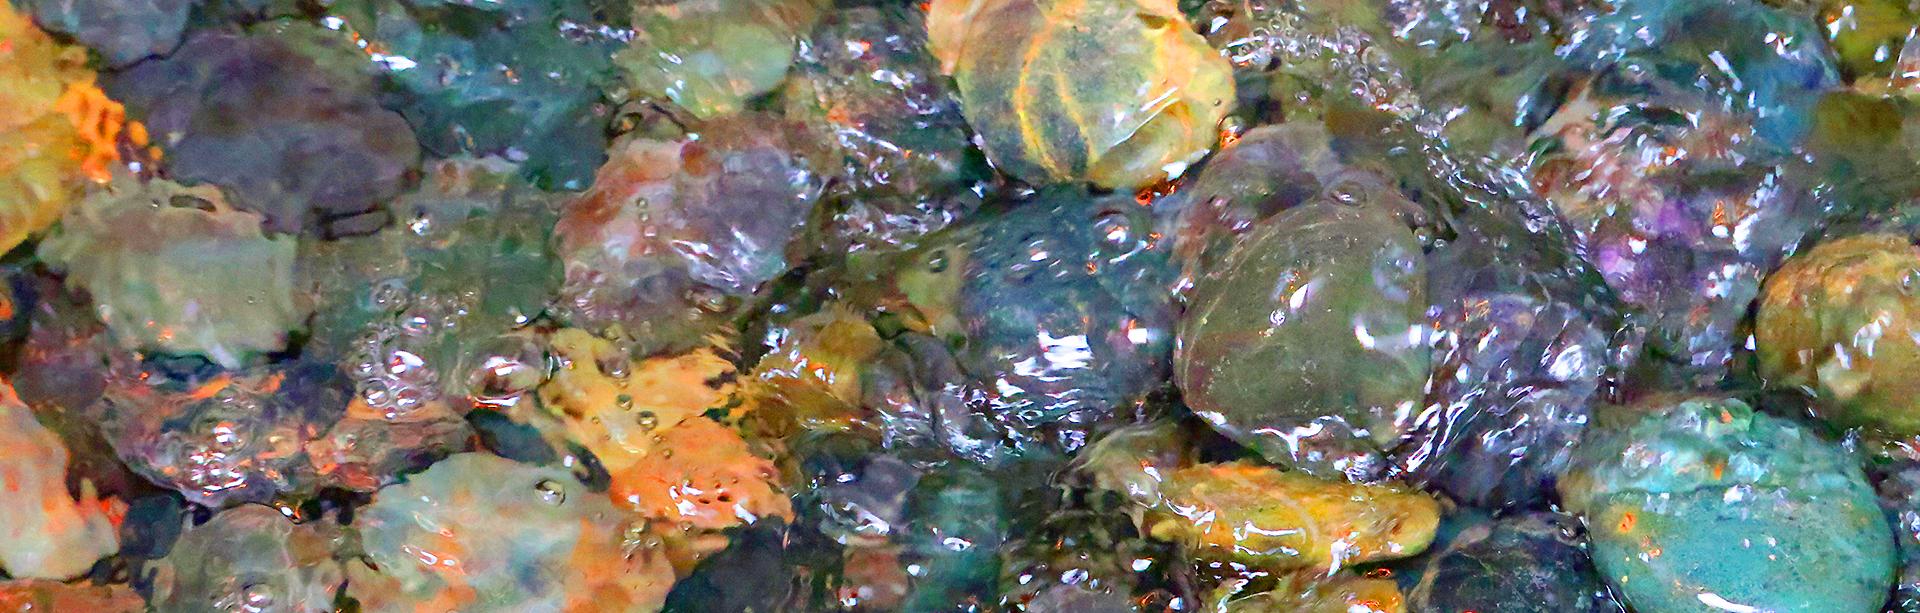 1x3W-Sedona-Rocks_5553